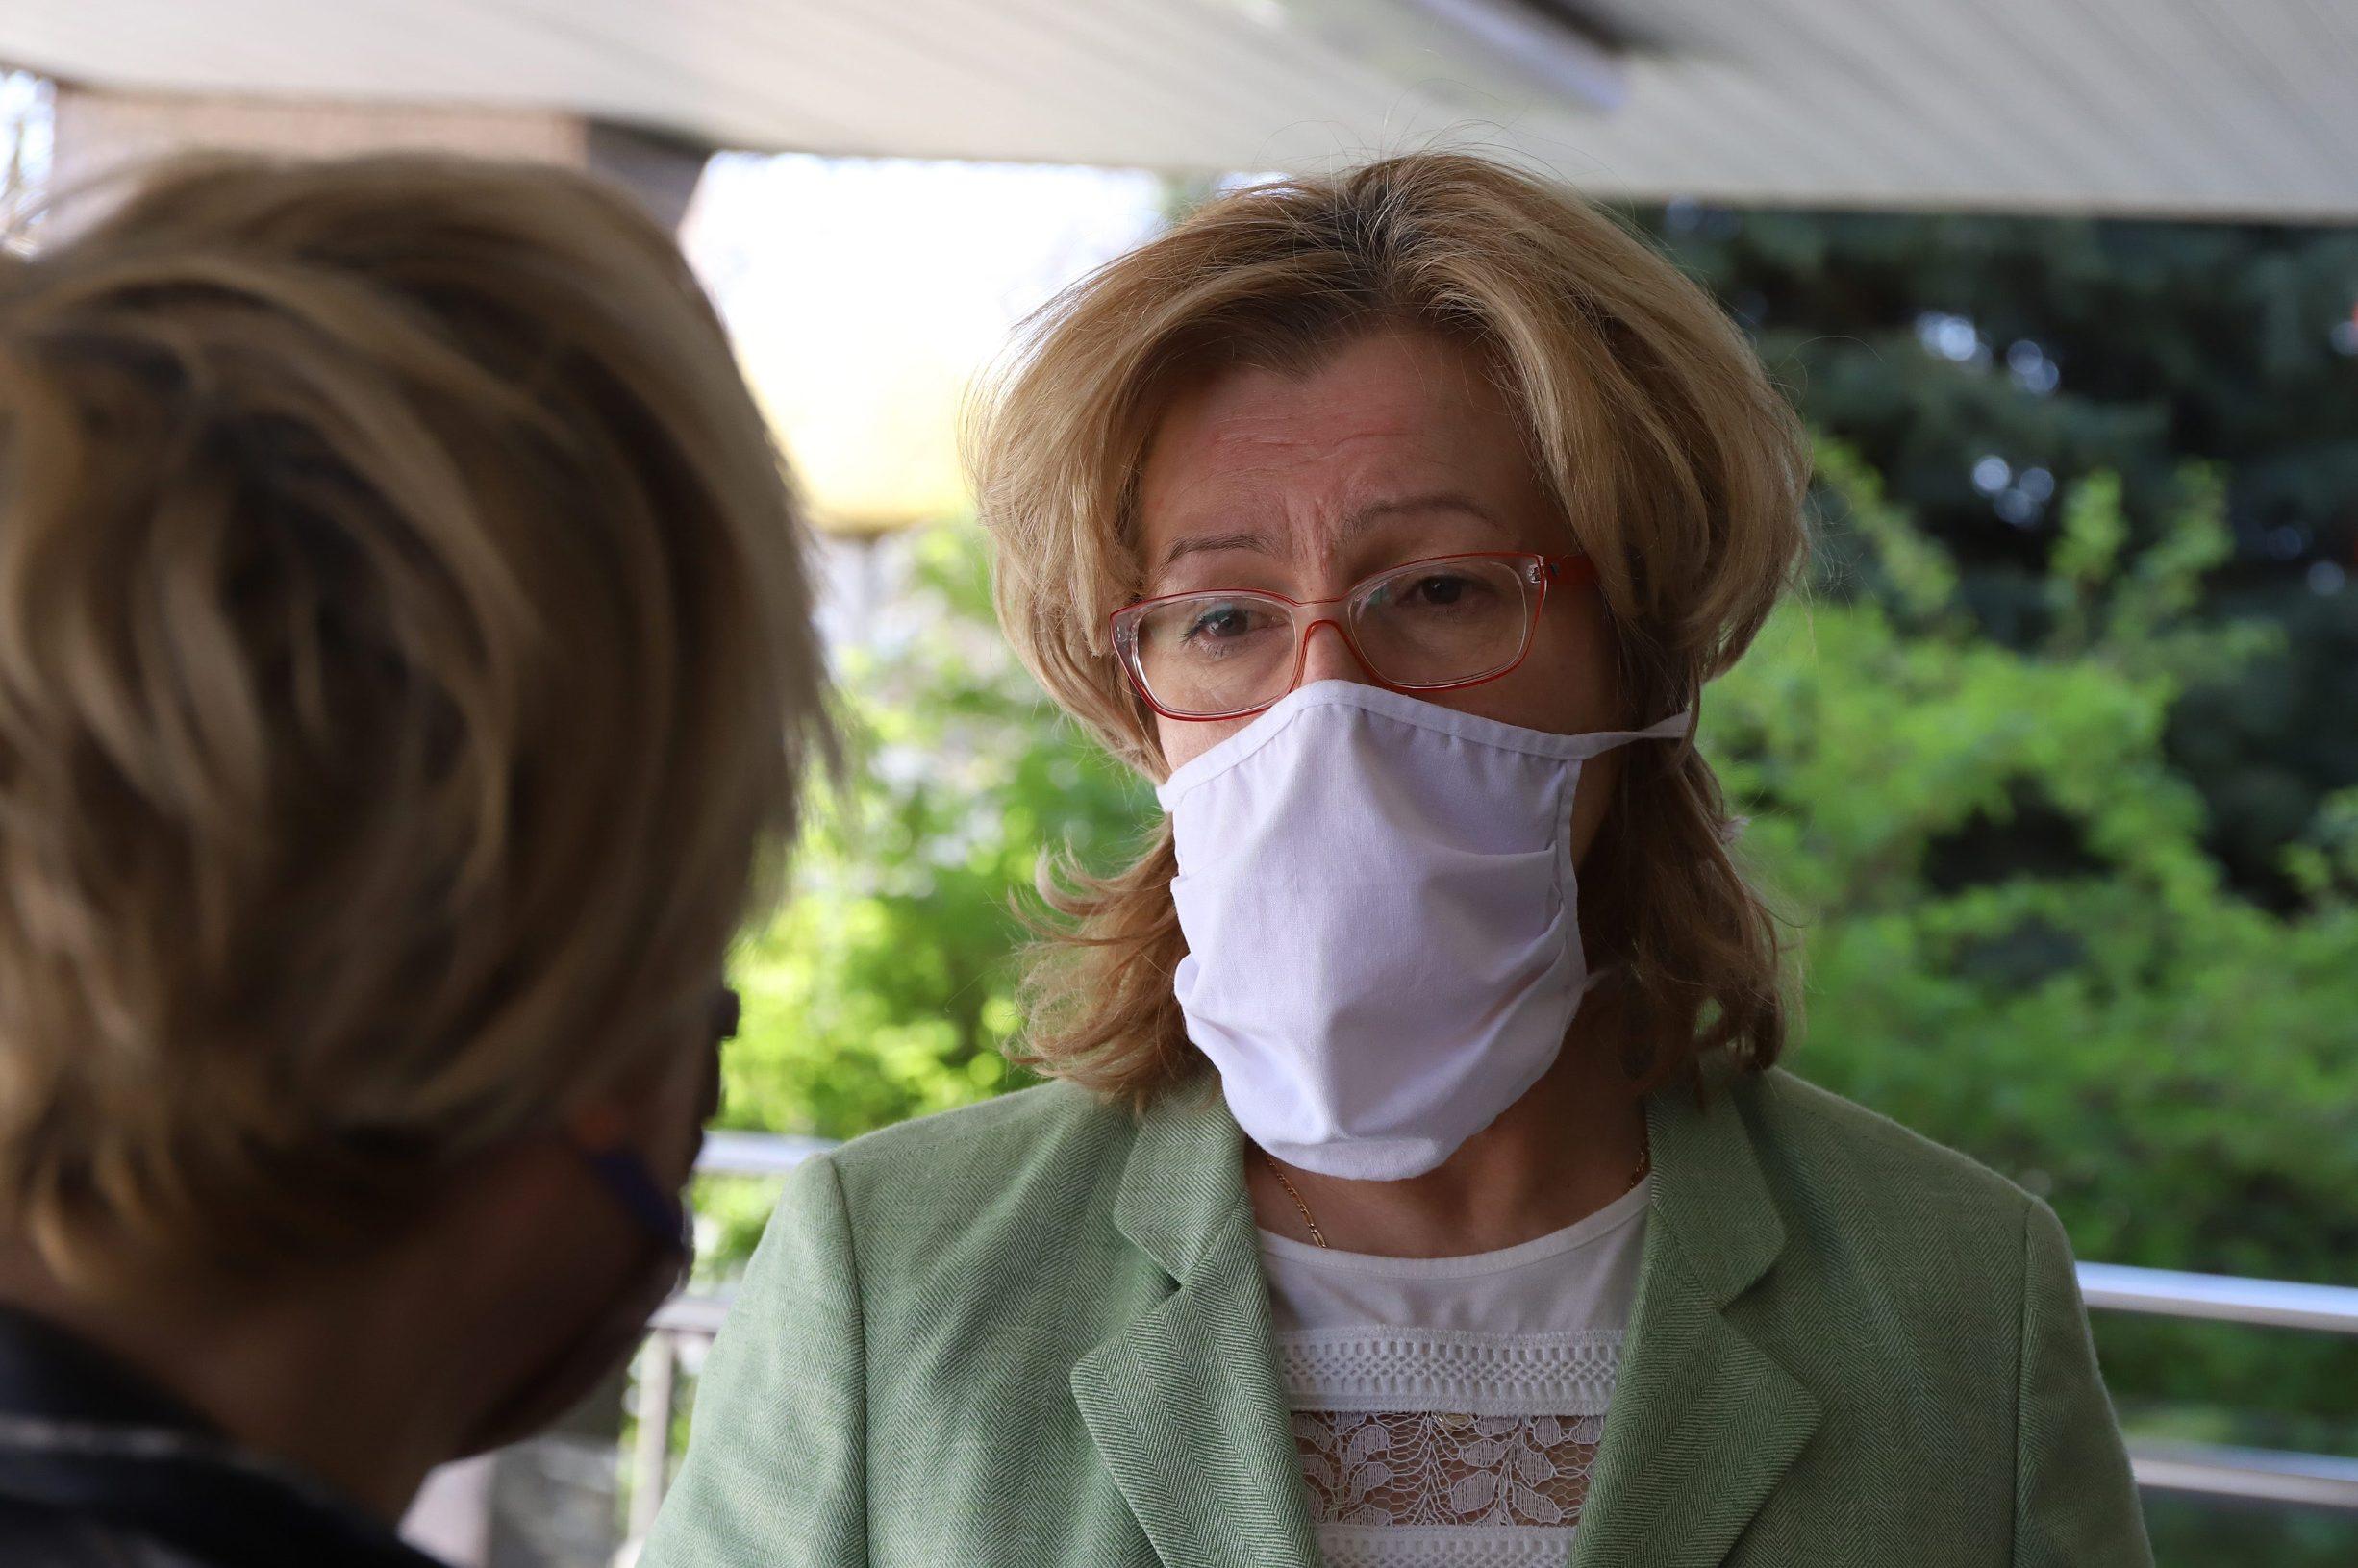 SPECIJAL JUTARNJI! Koprivnica, 090420. U Domu za starije i nemocne u Koprivnici jedna je osoba pozitivna na koronavirus. Na fotografiji: ravnateljica Vesna Krizan. Foto: Zeljko Hajdinjak / CROPIX